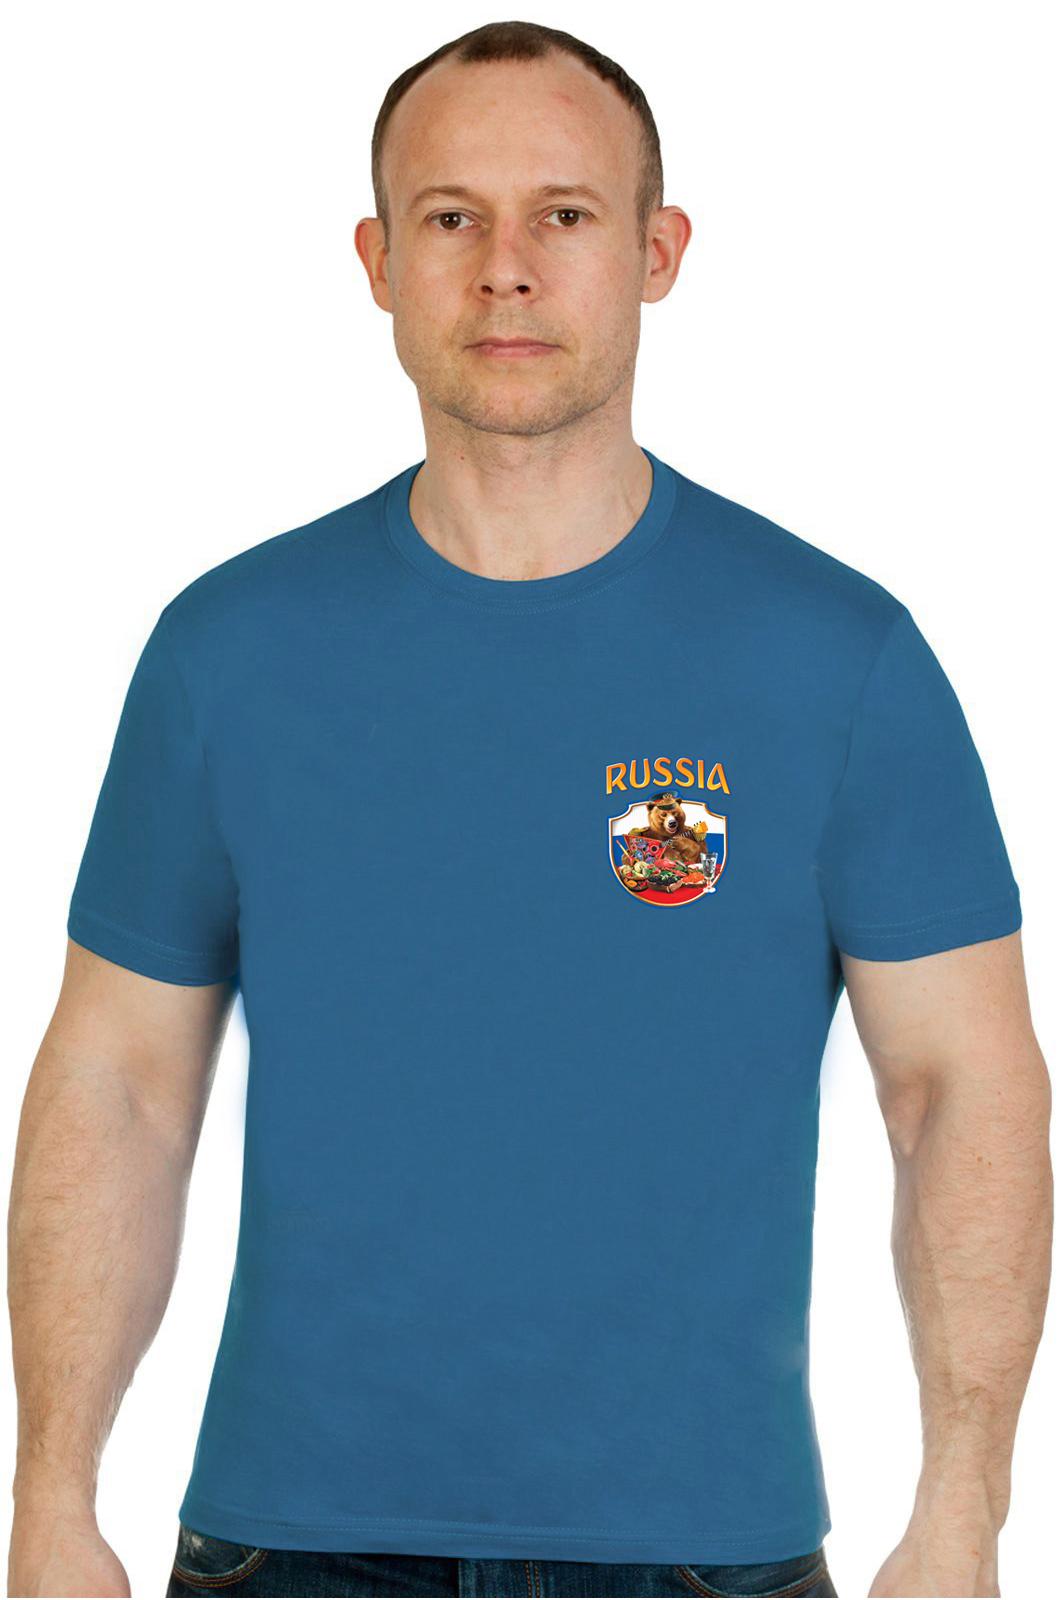 Заказать футболку сувенирную RUSSIA Мишка за столом по лояльной цене